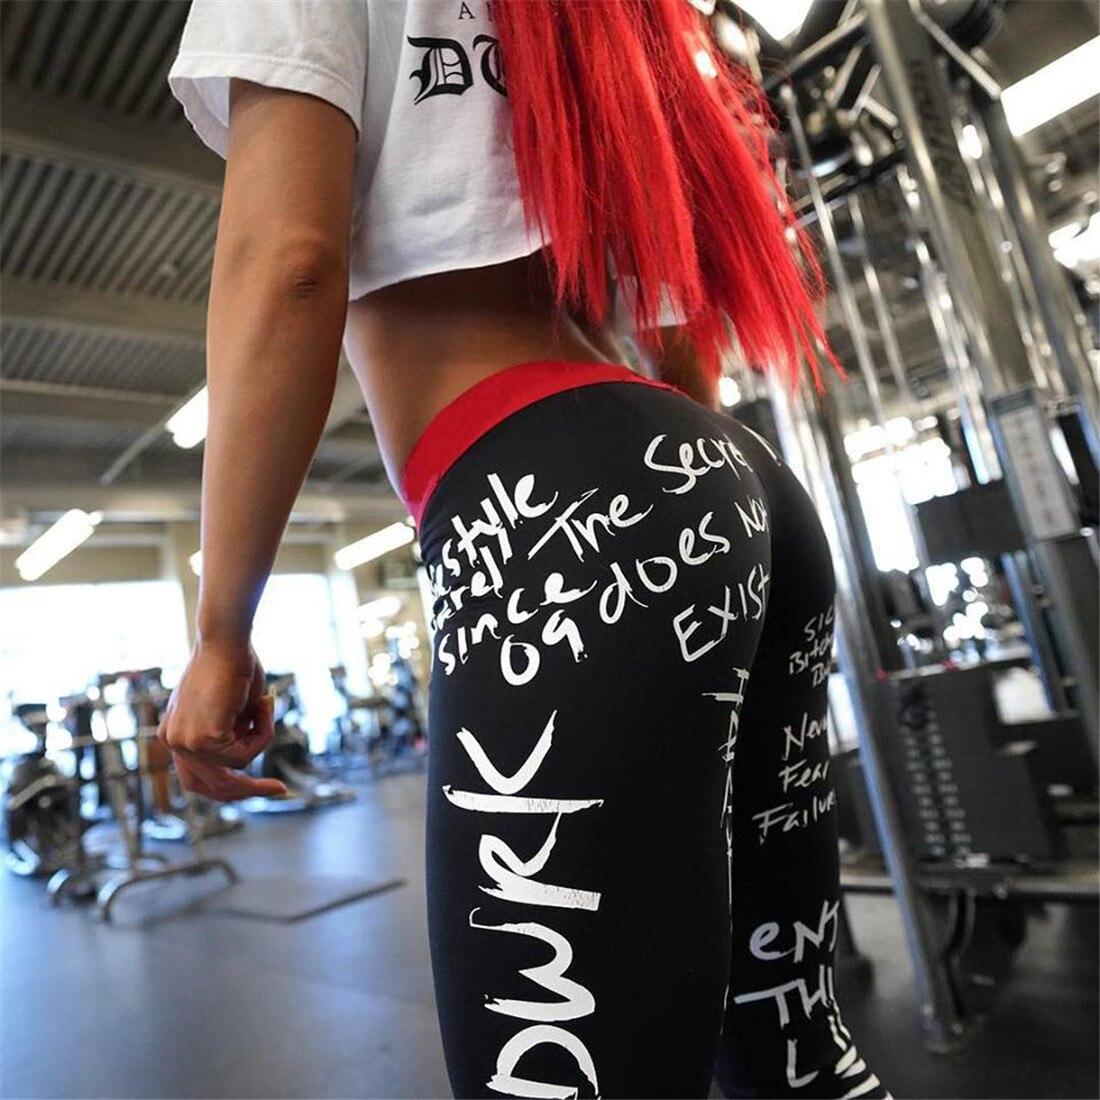 2019 New Fashion Letter Print Leggings Women Slim Fitness High Waist Elastic Workout Leggings for Gym Sport Running Europe Size 25